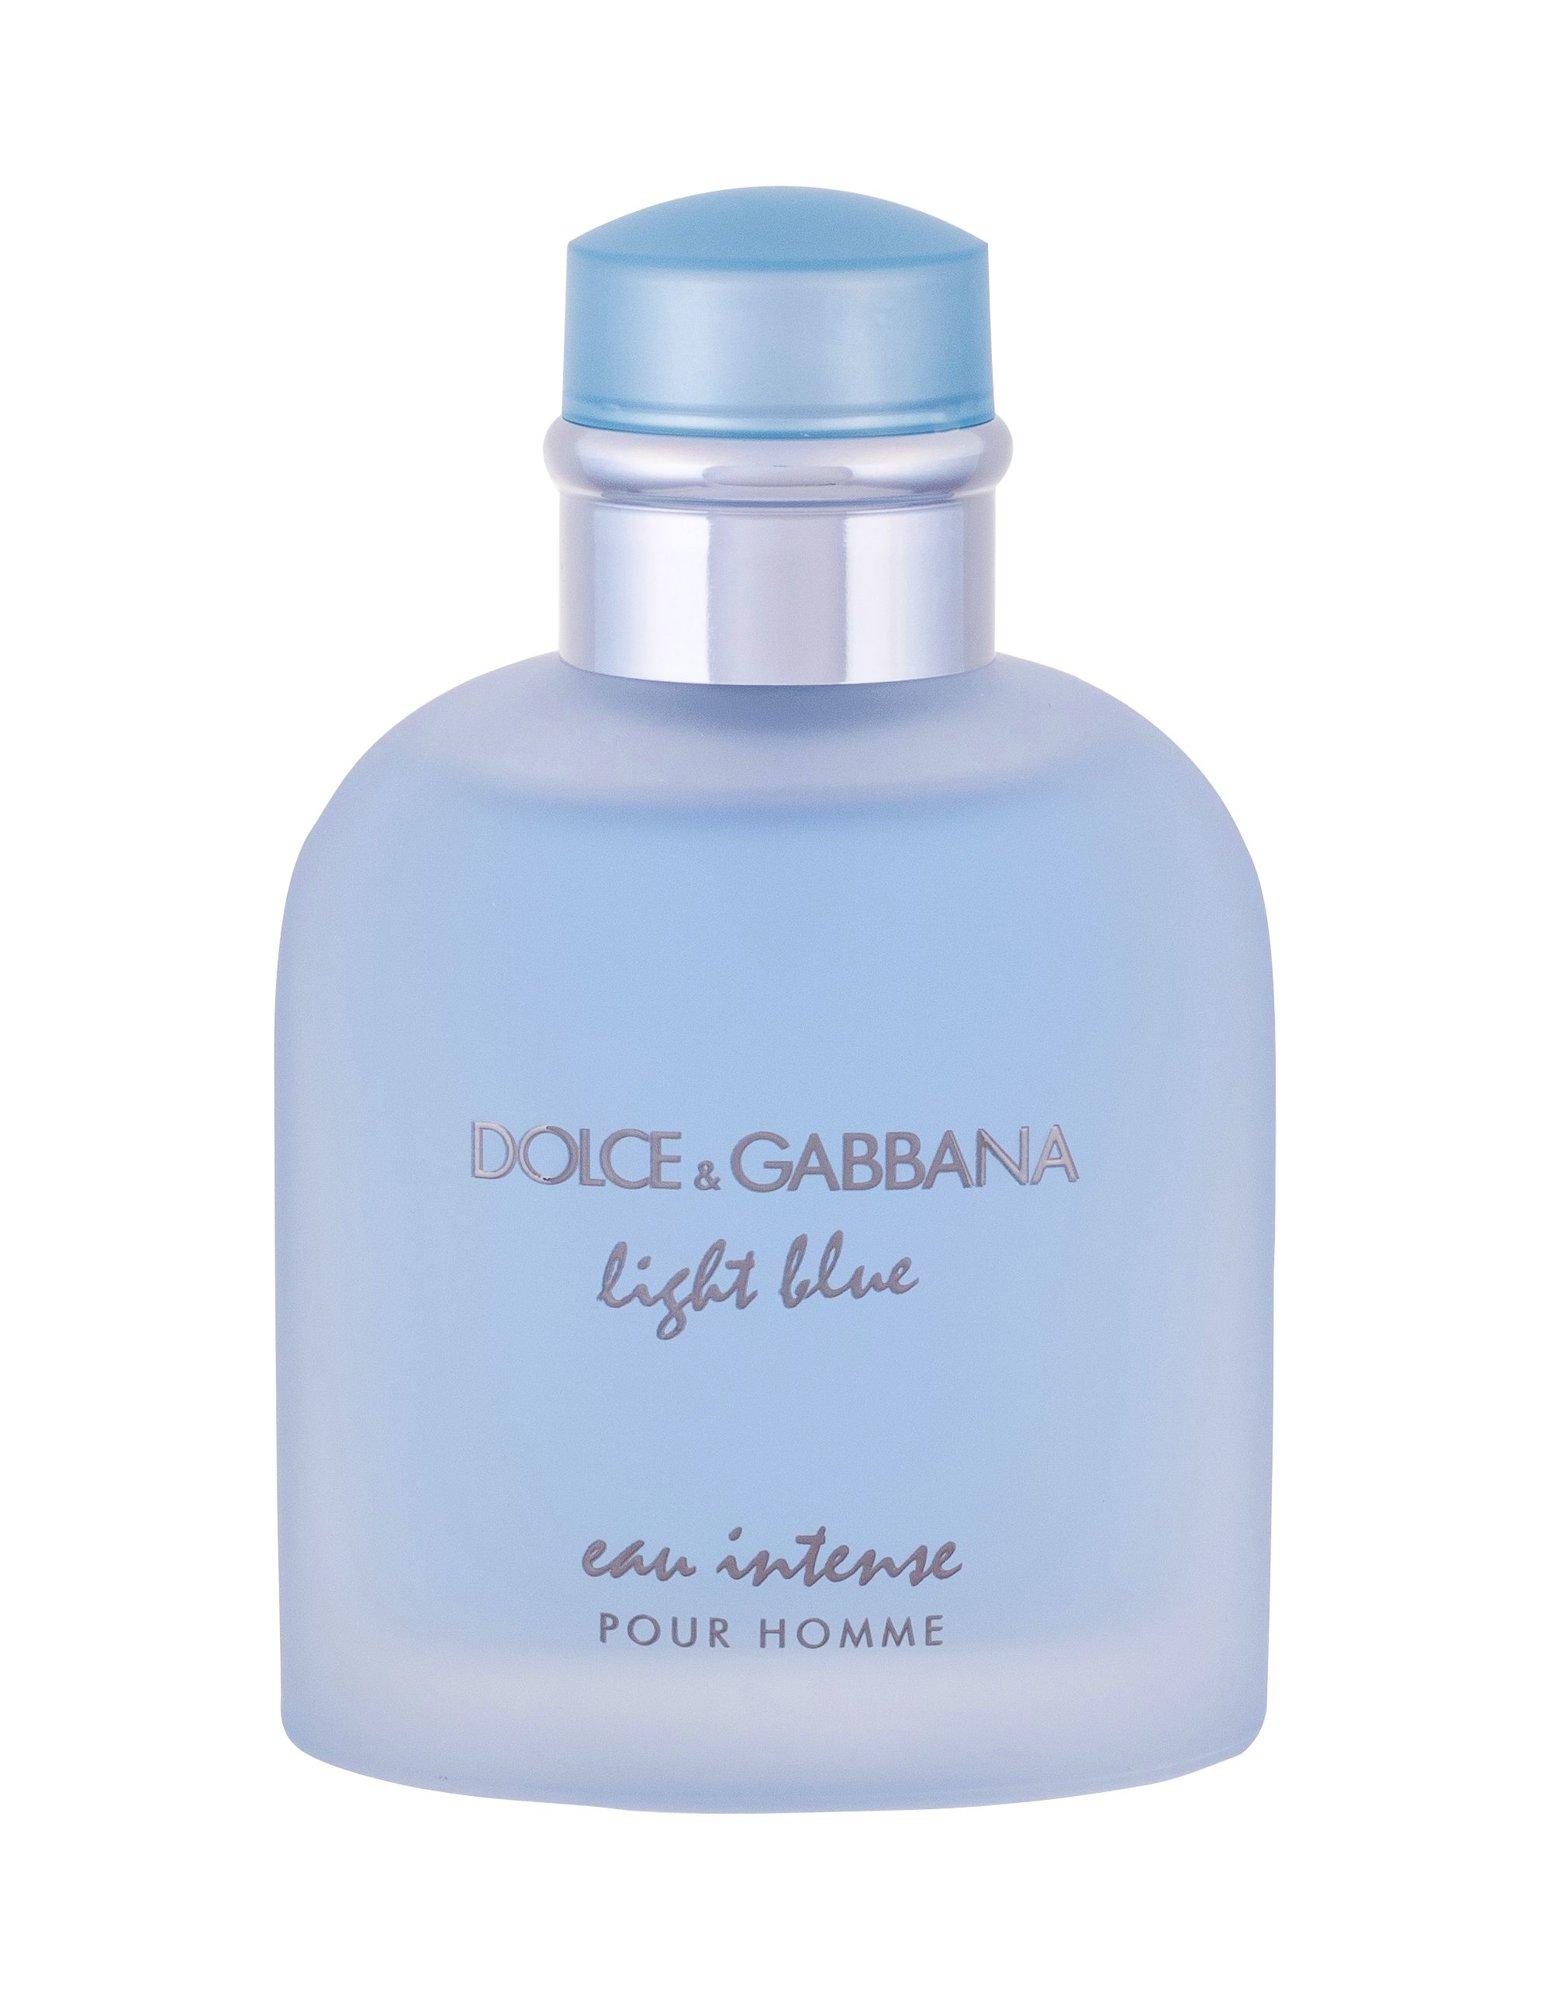 Dolce&Gabbana Light Blue Eau Intense Pour Homme Eau de Parfum 100ml